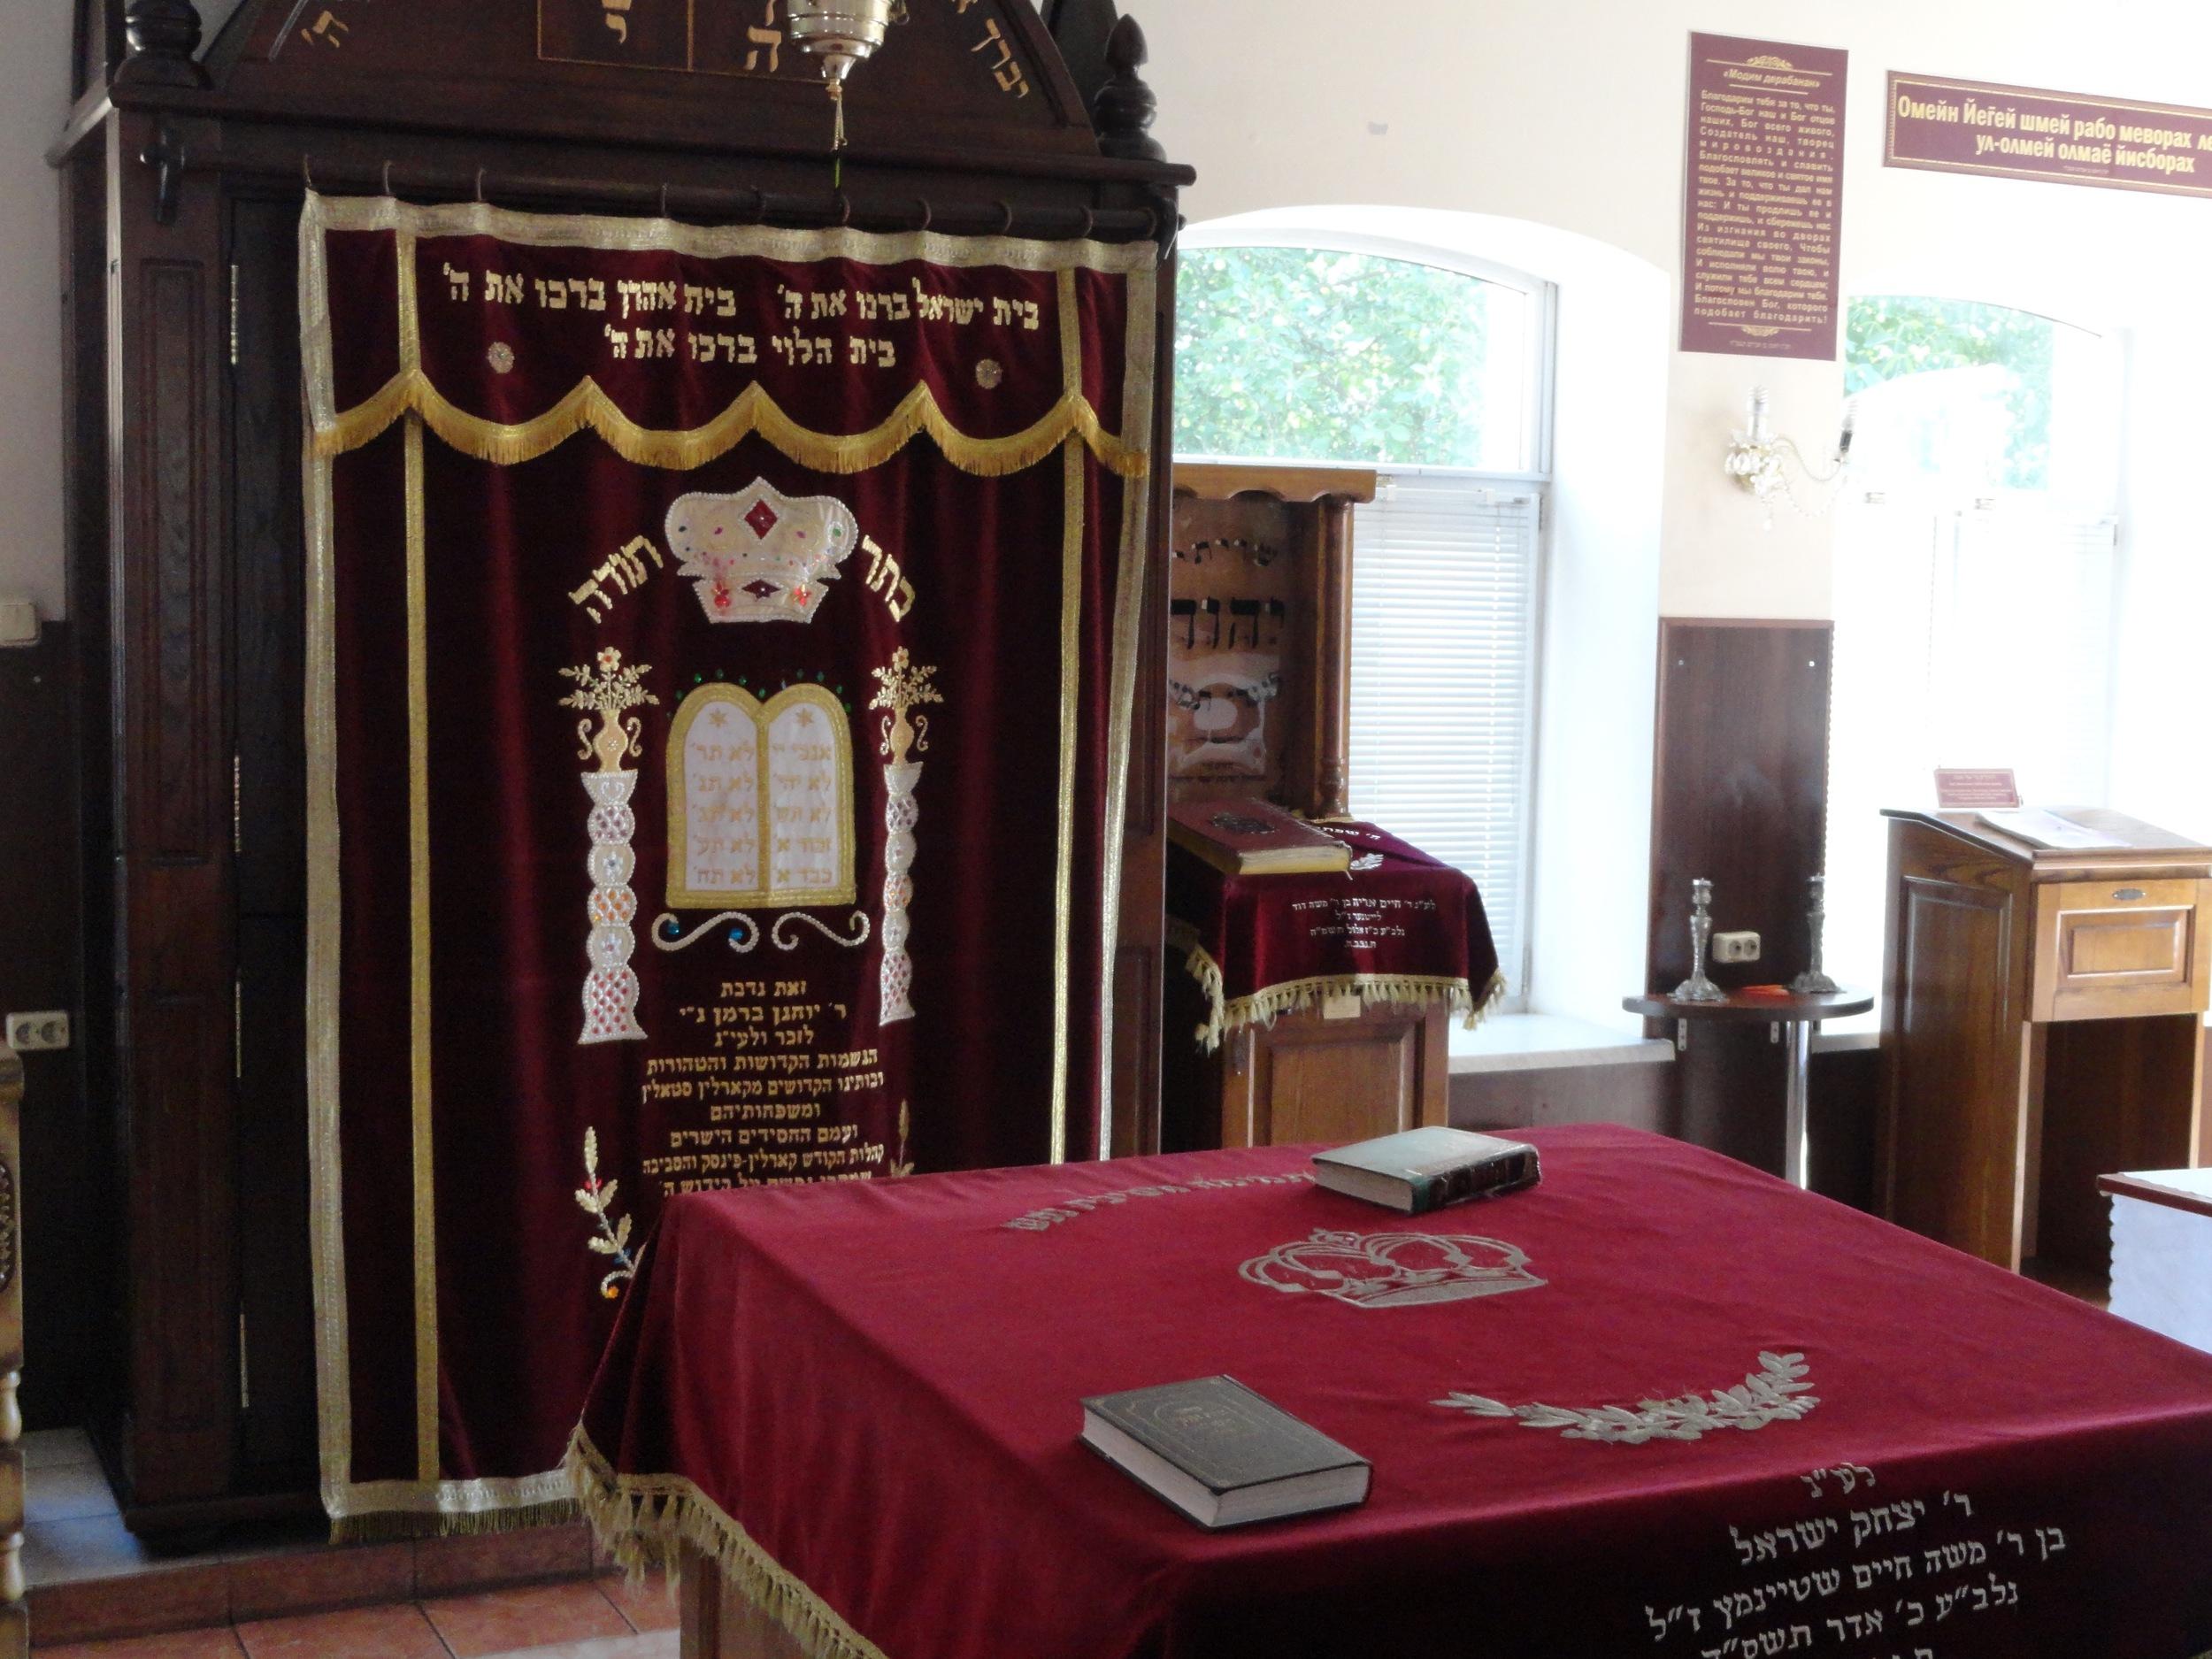 Ark and bimah at the Pinsk synagogue.